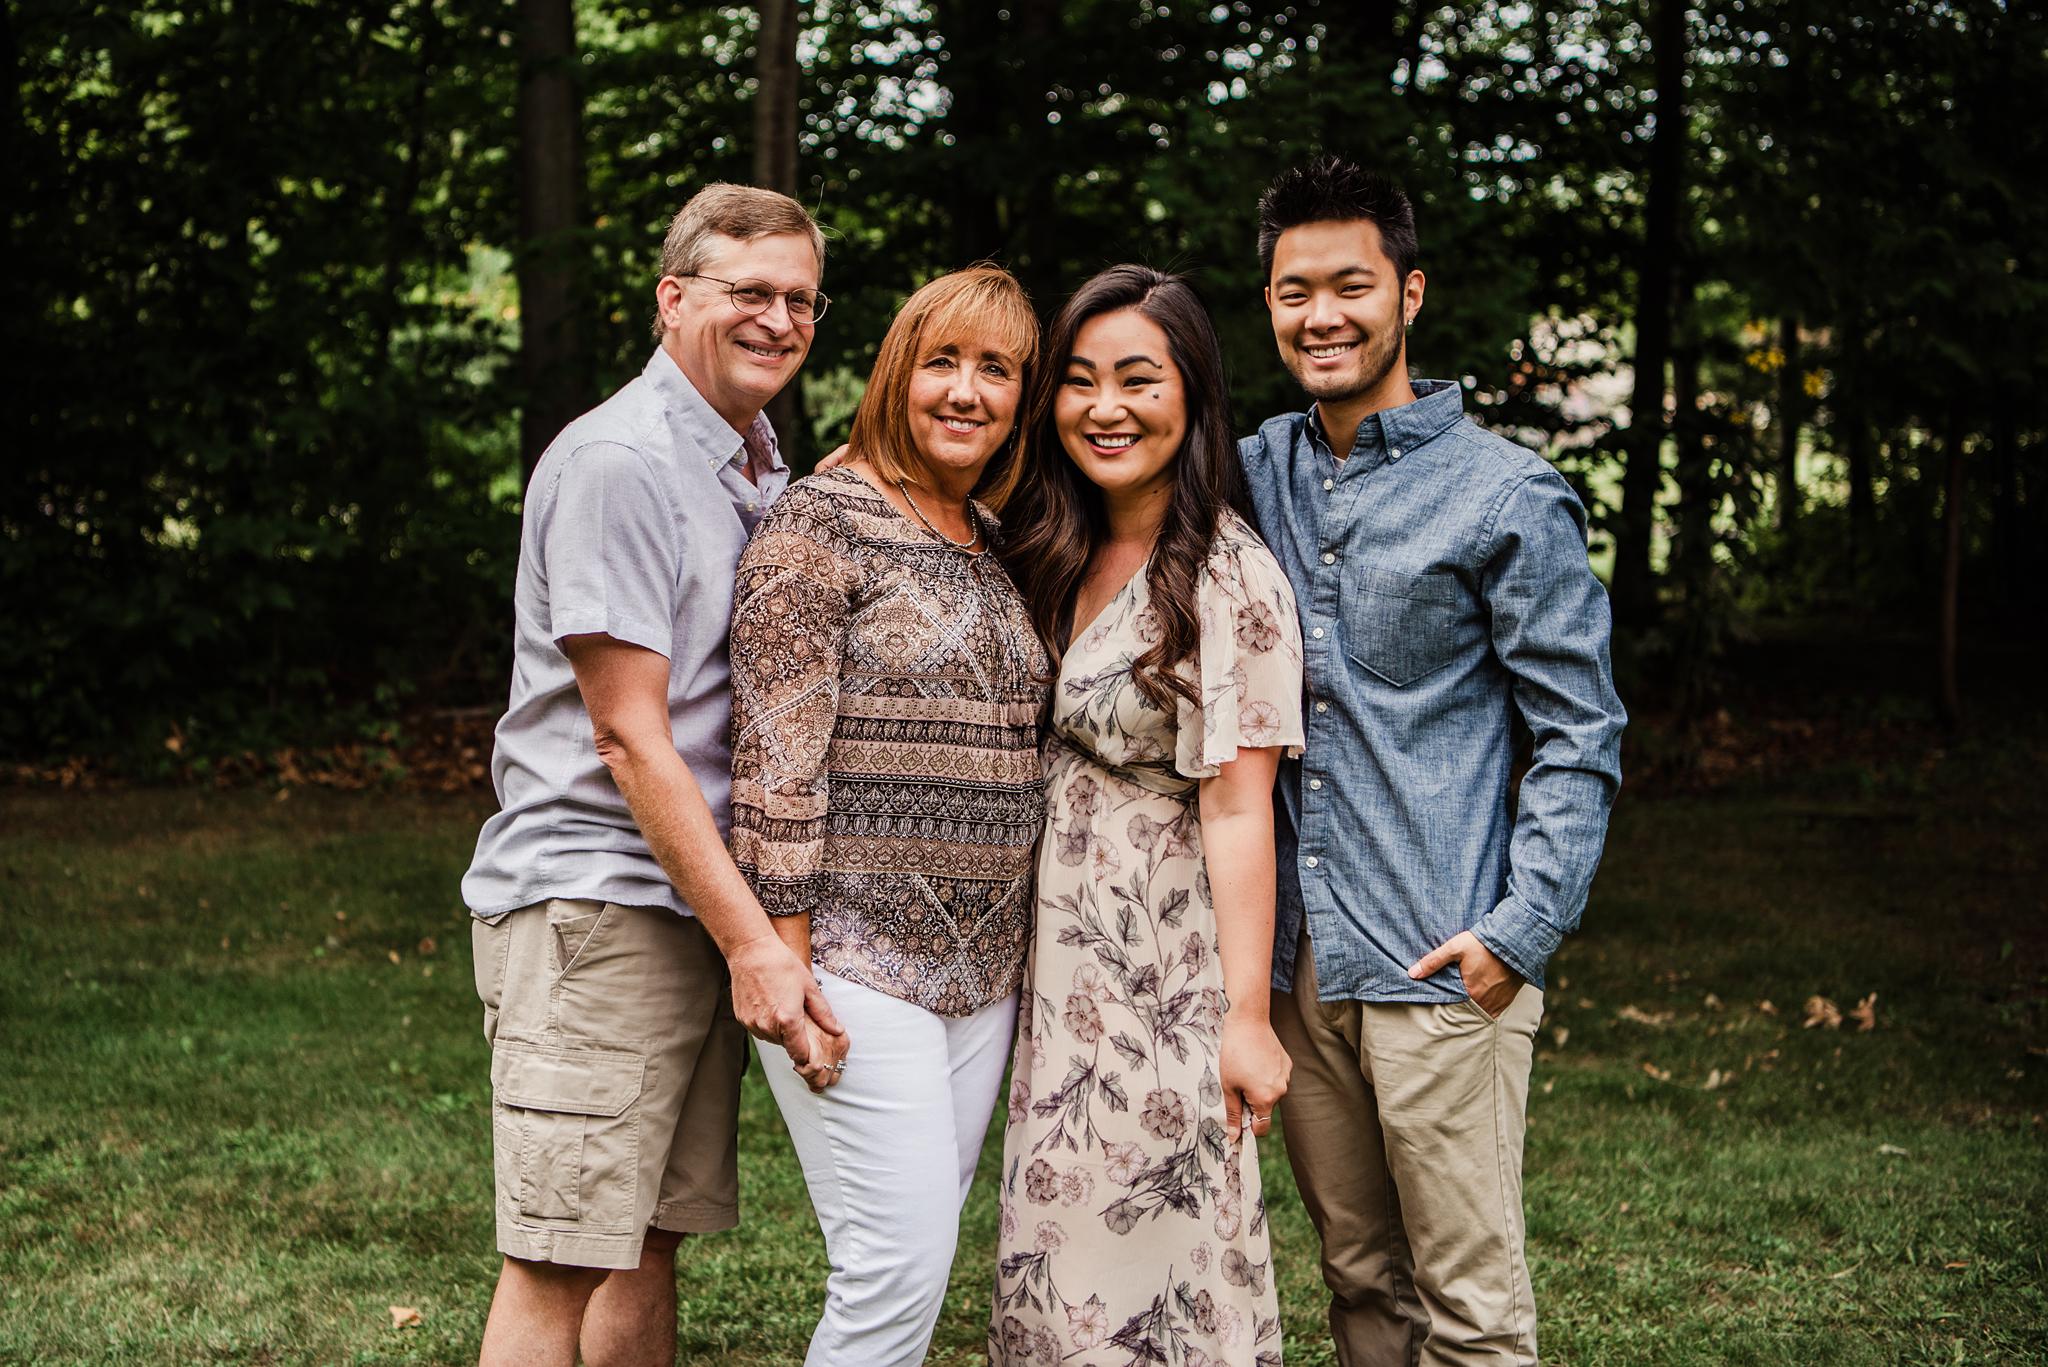 Our_Family_2019_Rochester_Family_Session_JILL_STUDIO_Rochester_NY_Photographer_DSC_5217.jpg